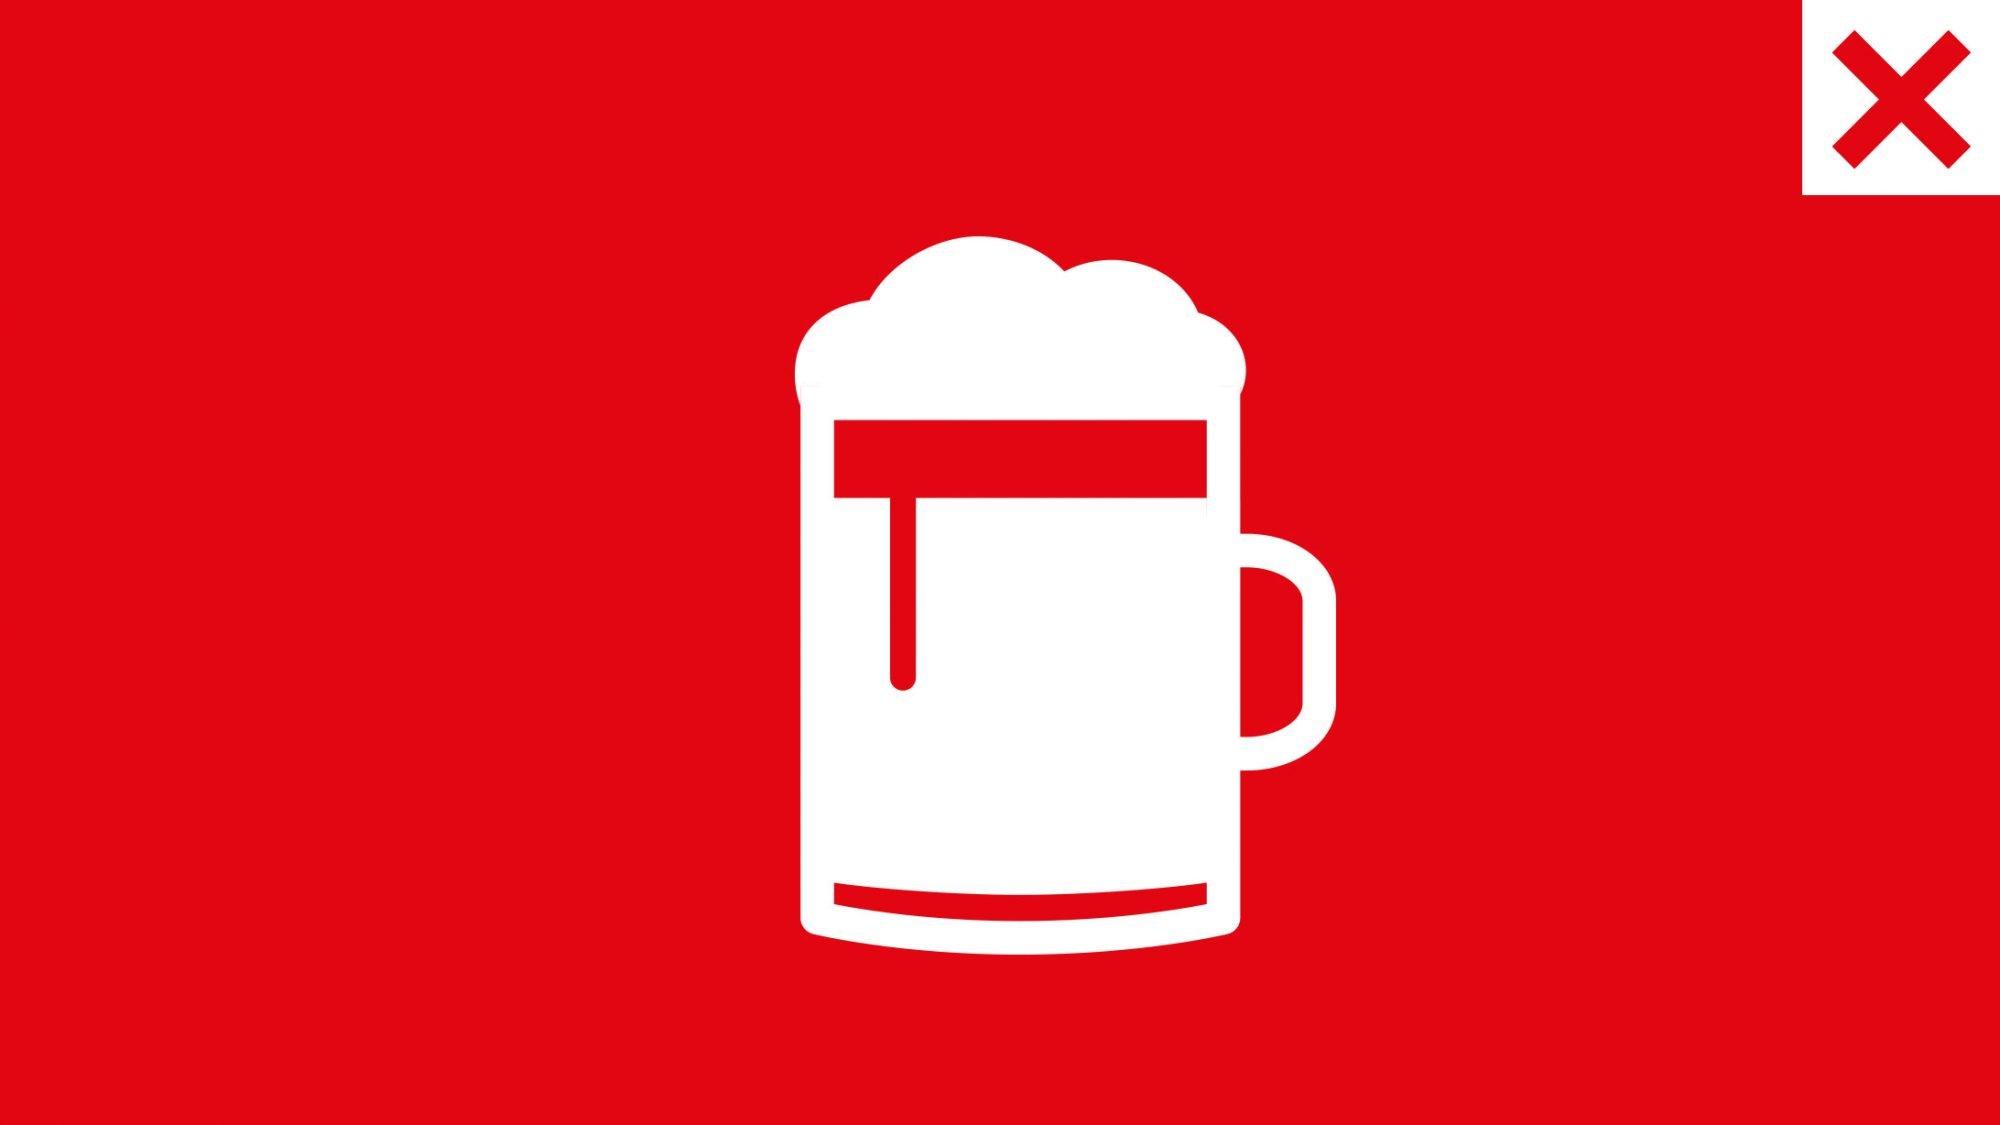 Gicht: Bild eines Biers